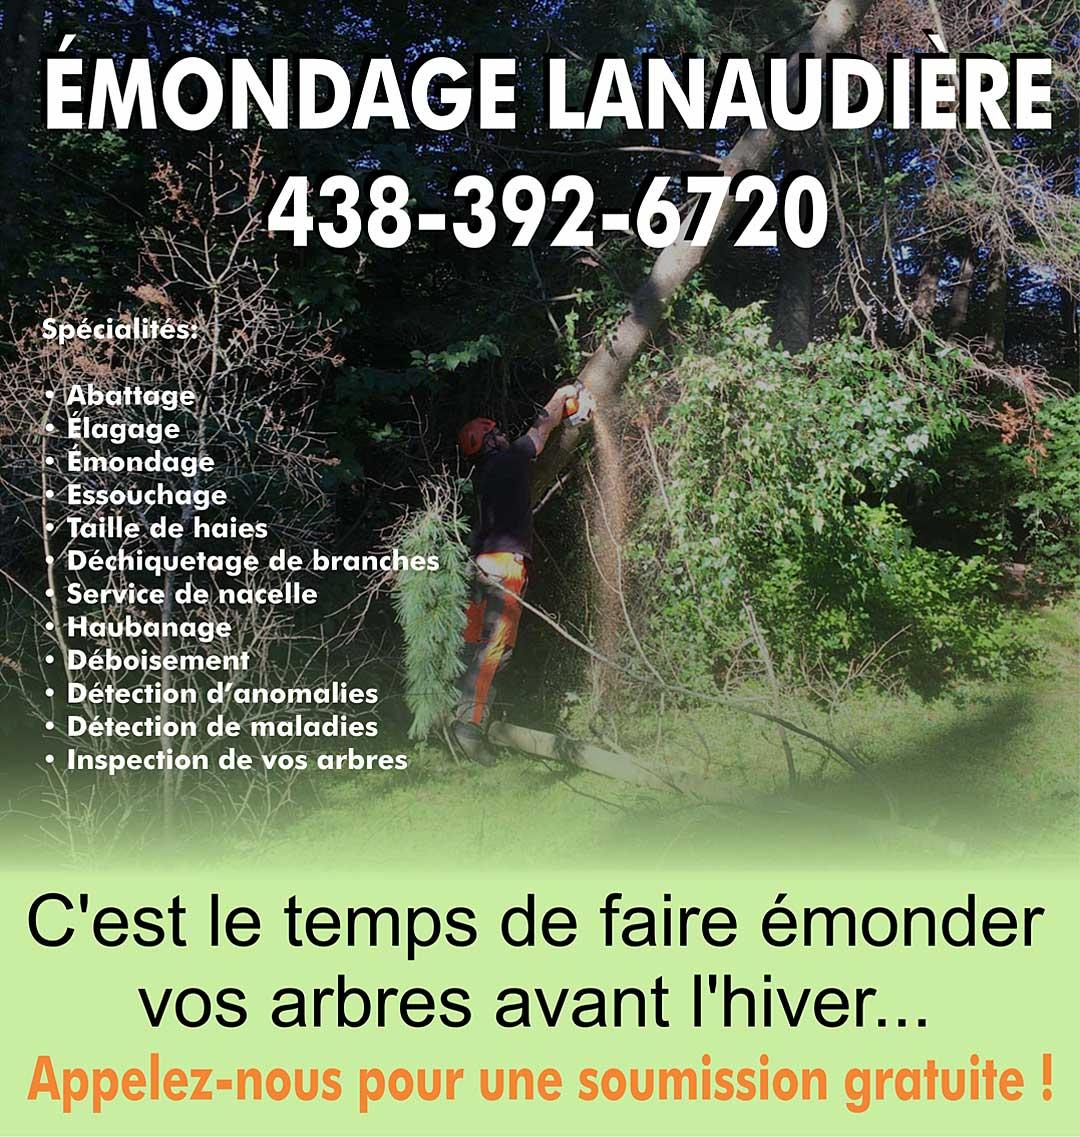 Émondage Lanaudière